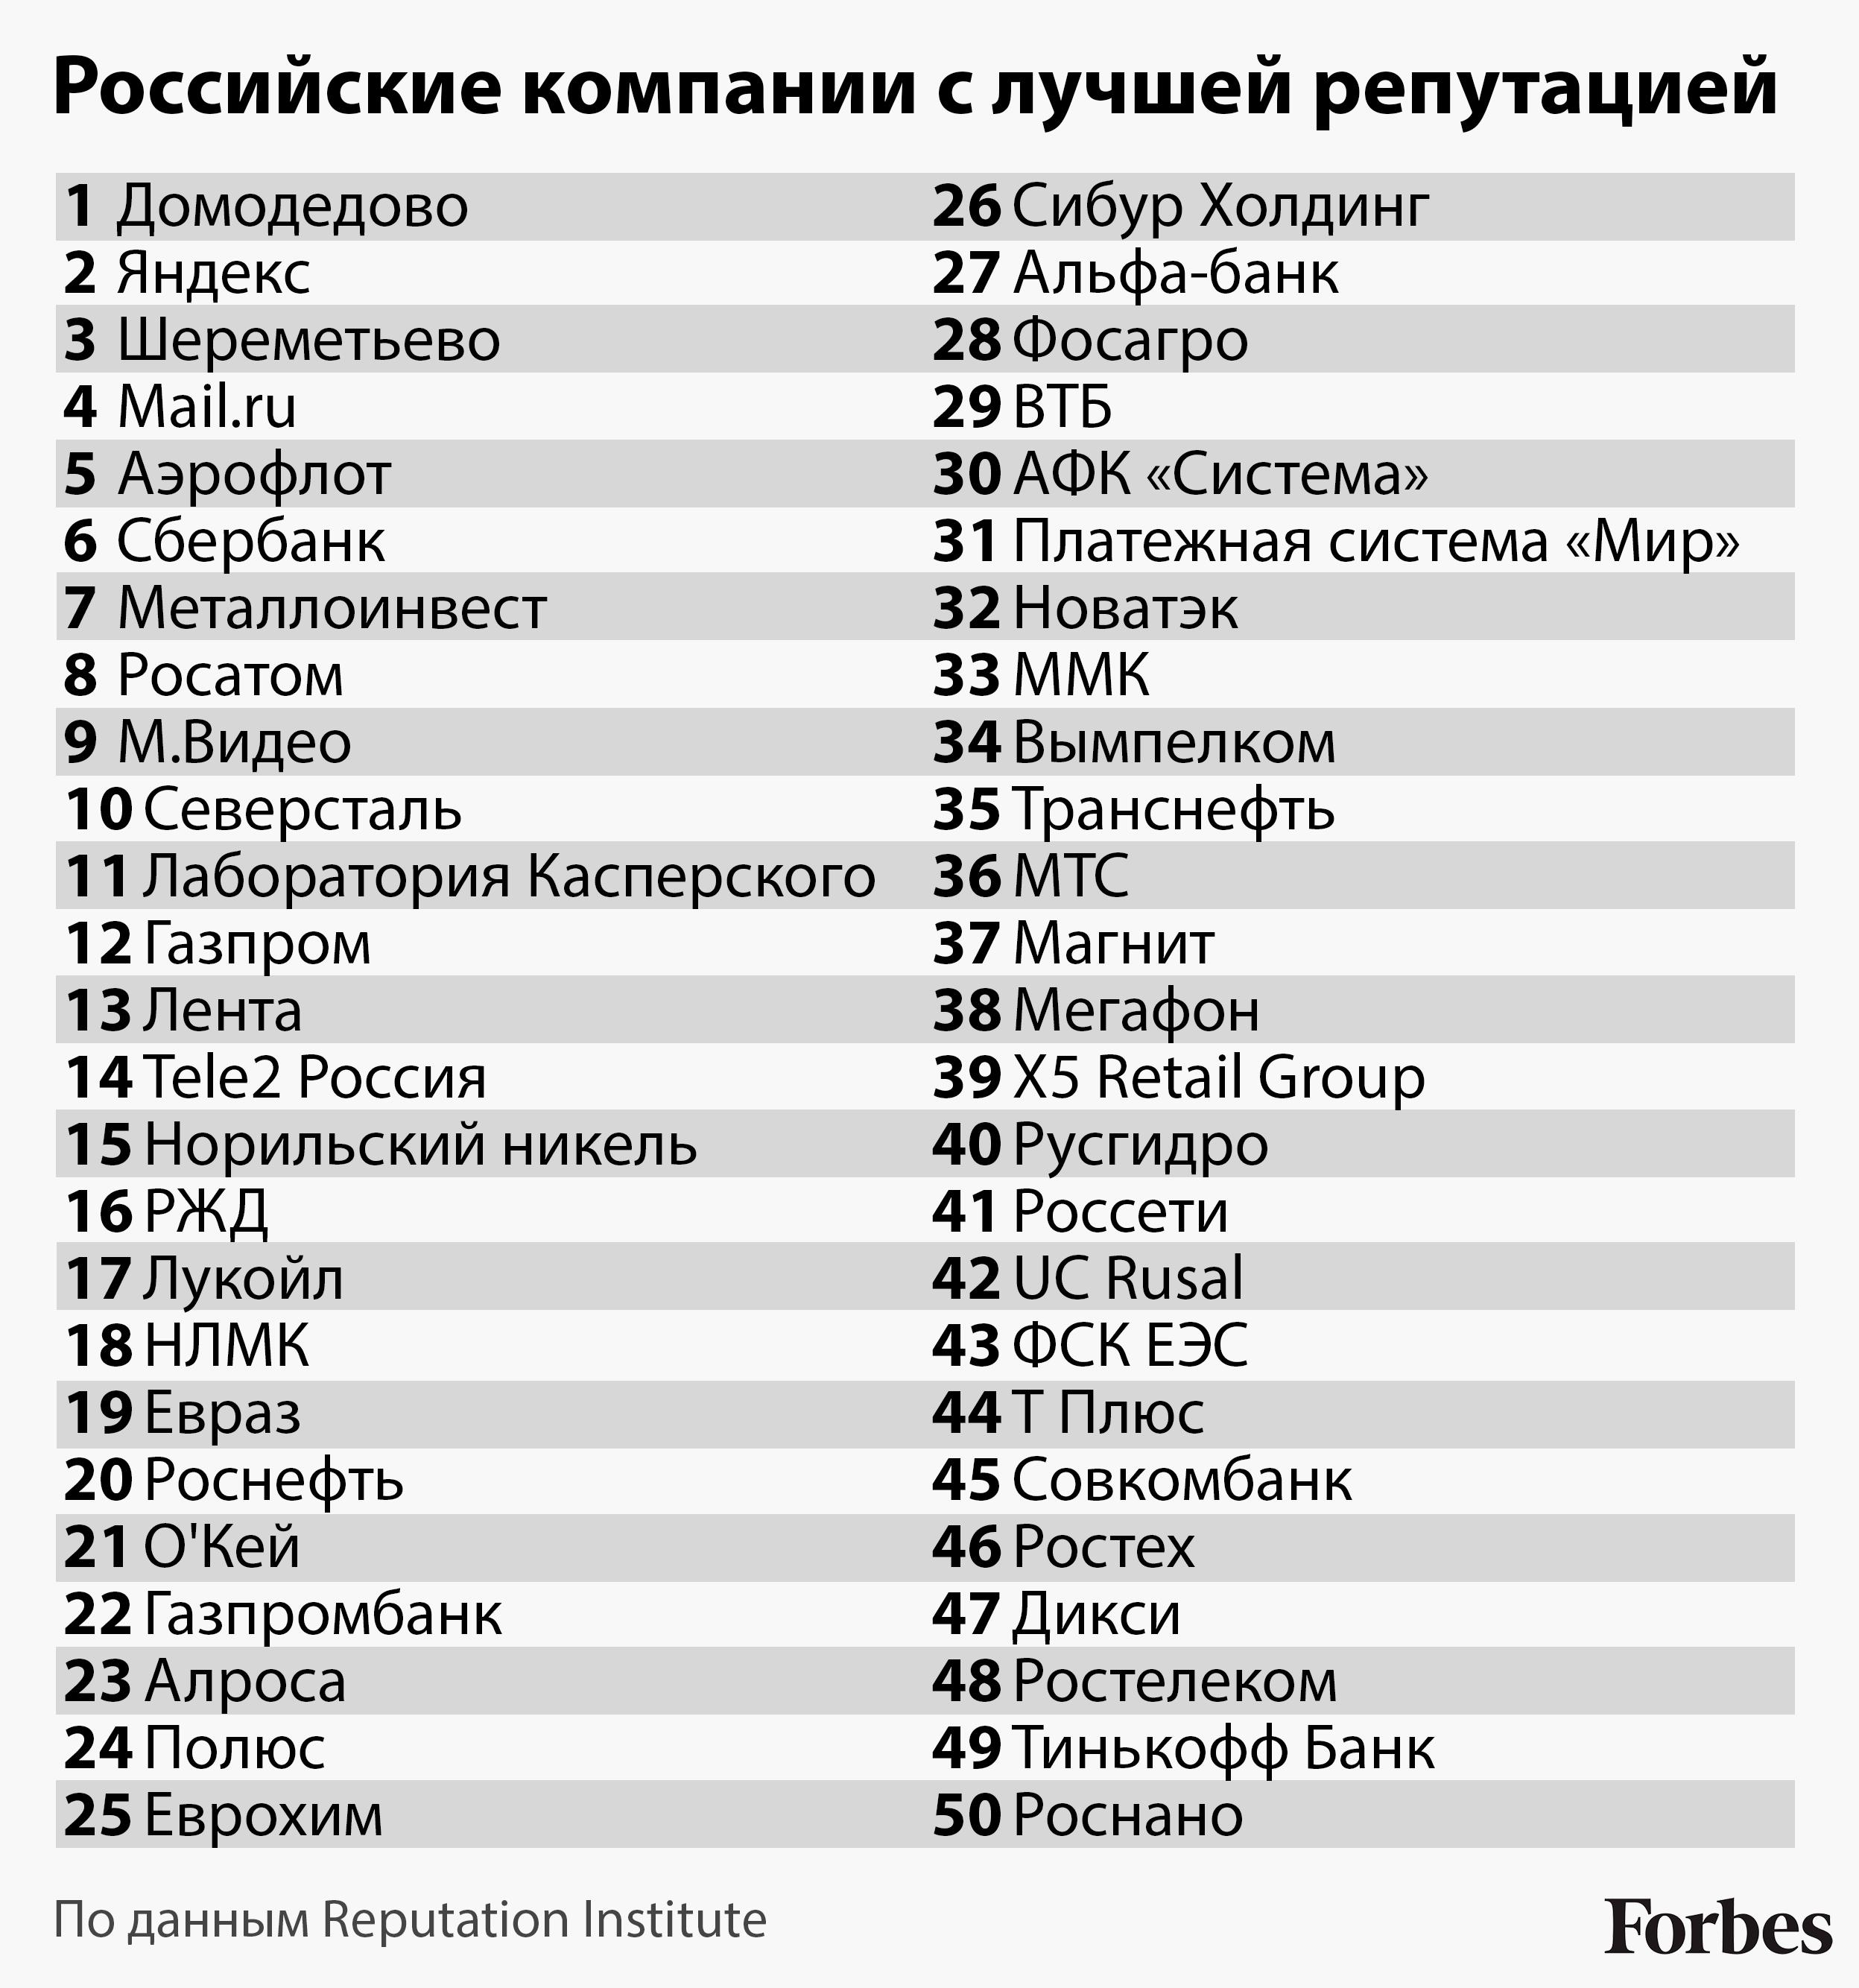 Крупнейшие российские компании с лучшей репутацией